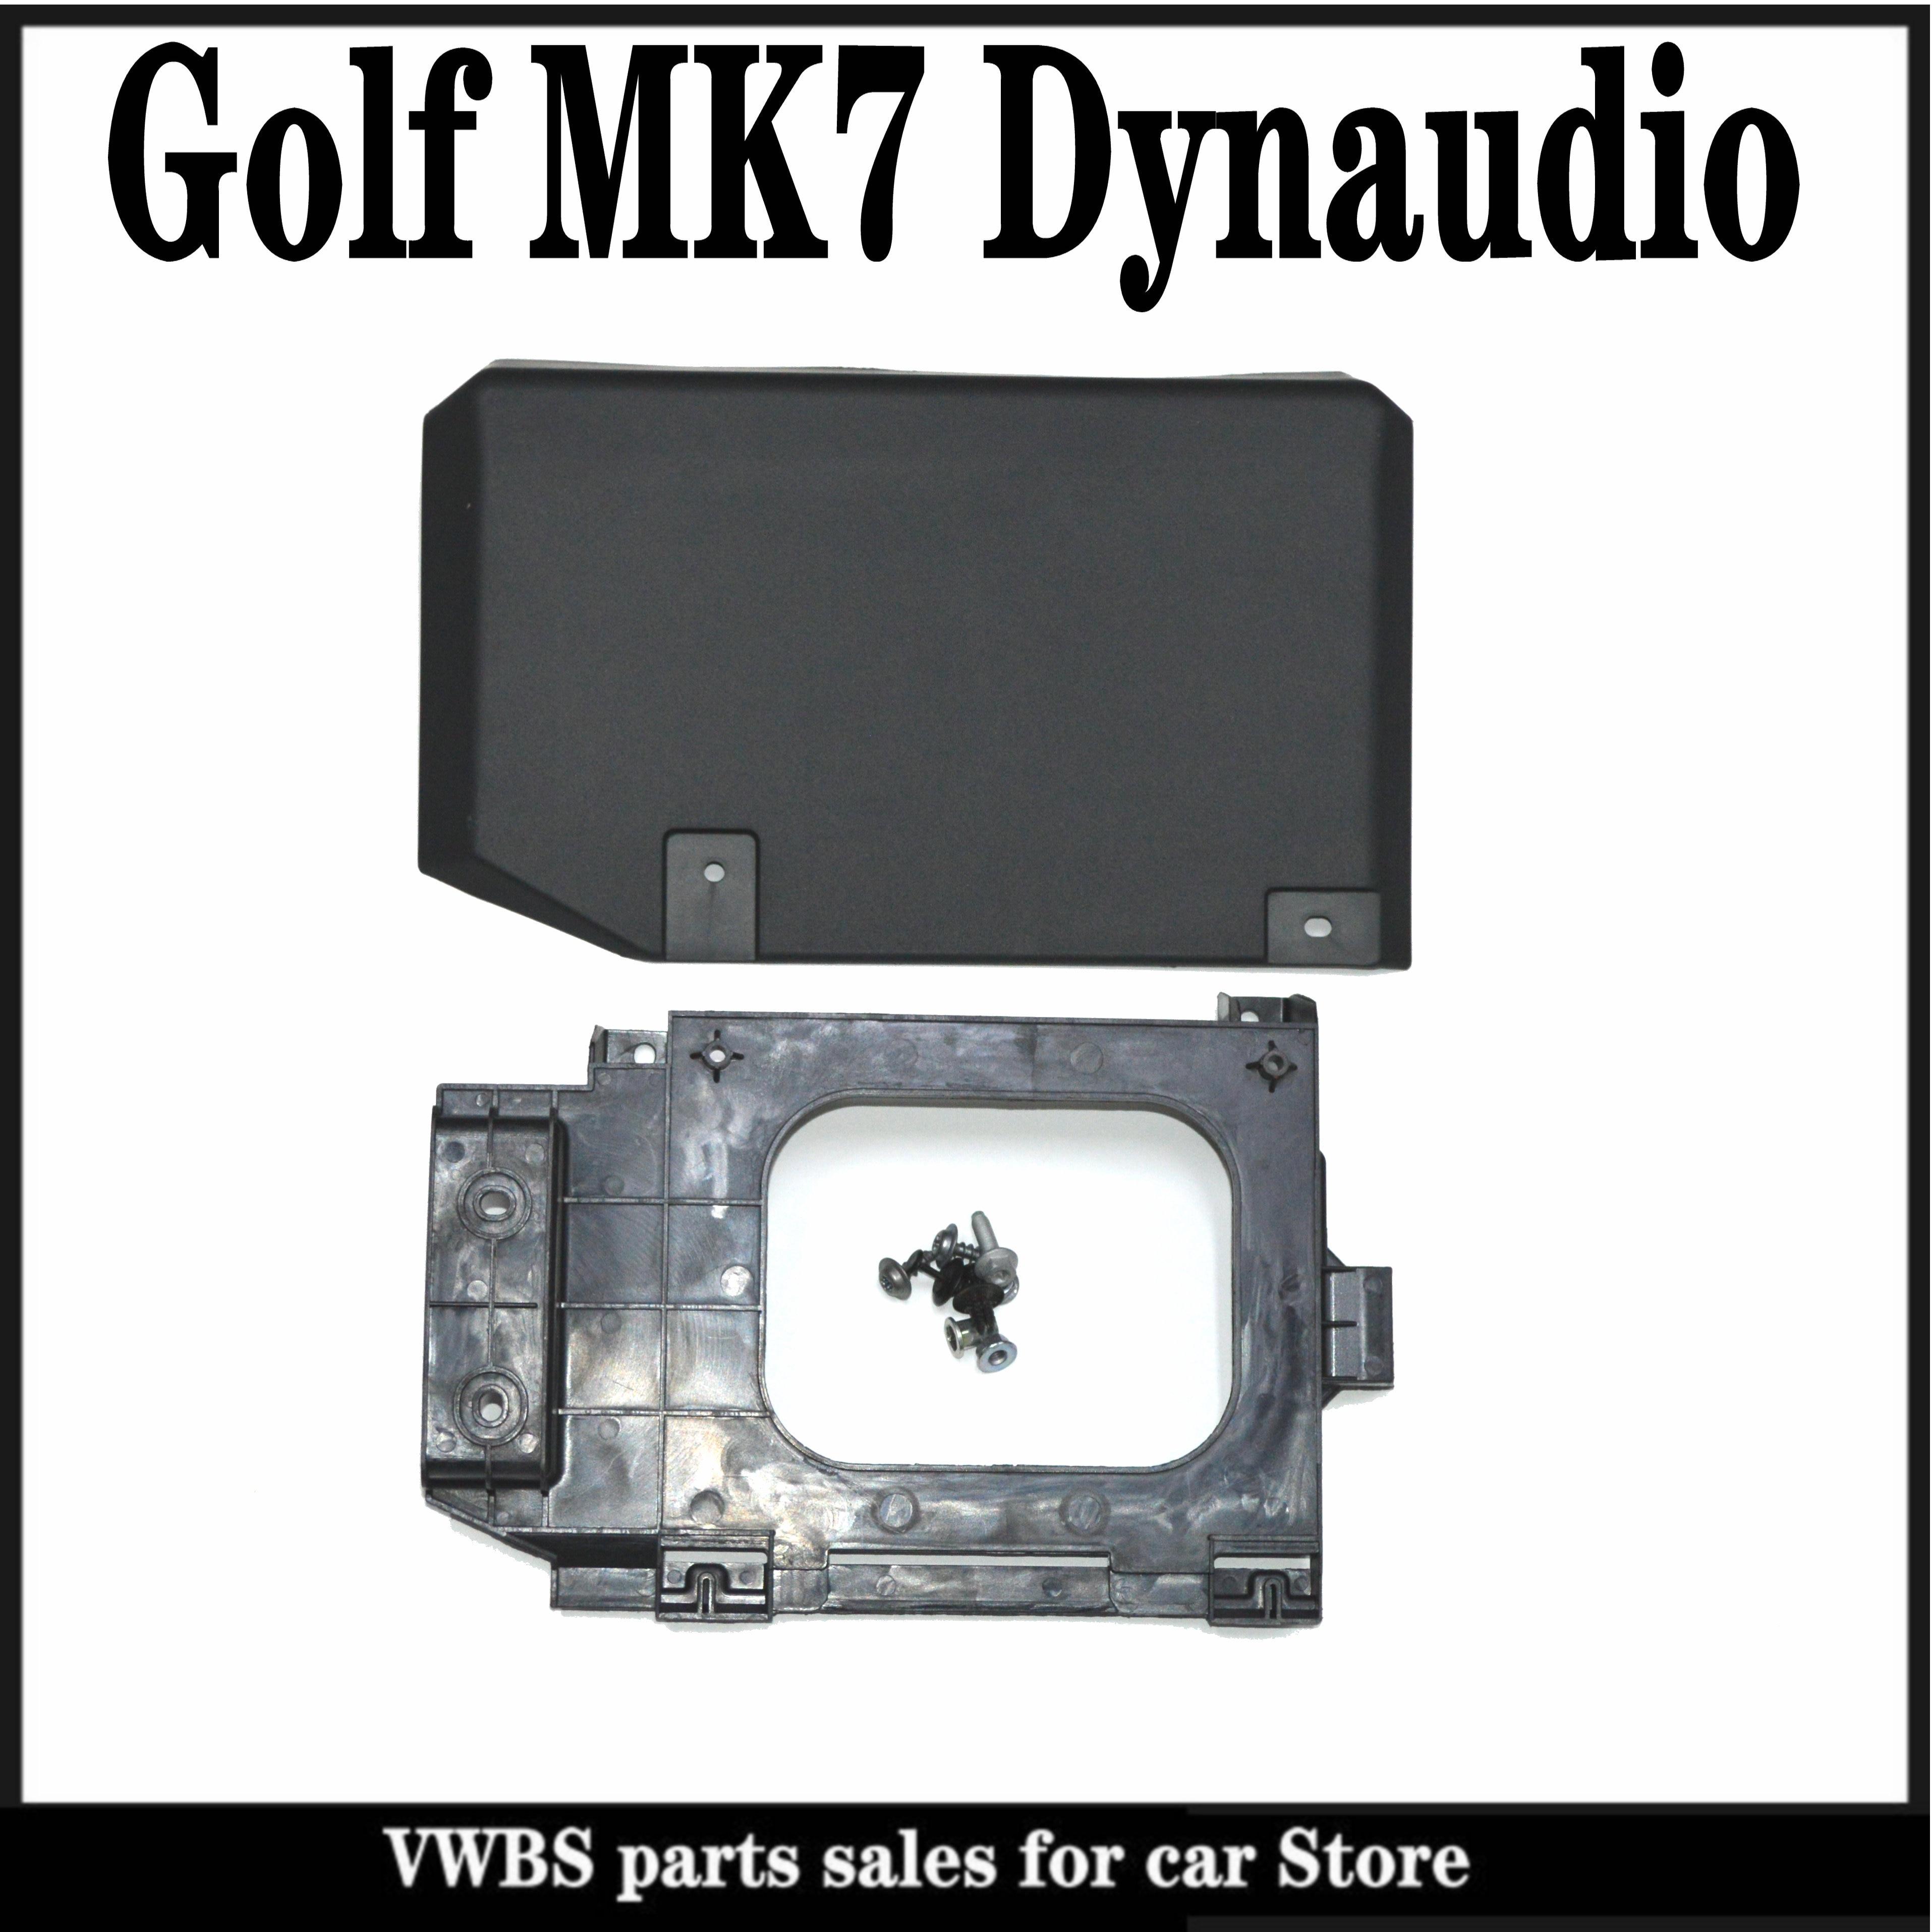 Soporte de montaje parágrafo amplificador Dynaudio, apto parágrafo osu de Golfe 7 MK7